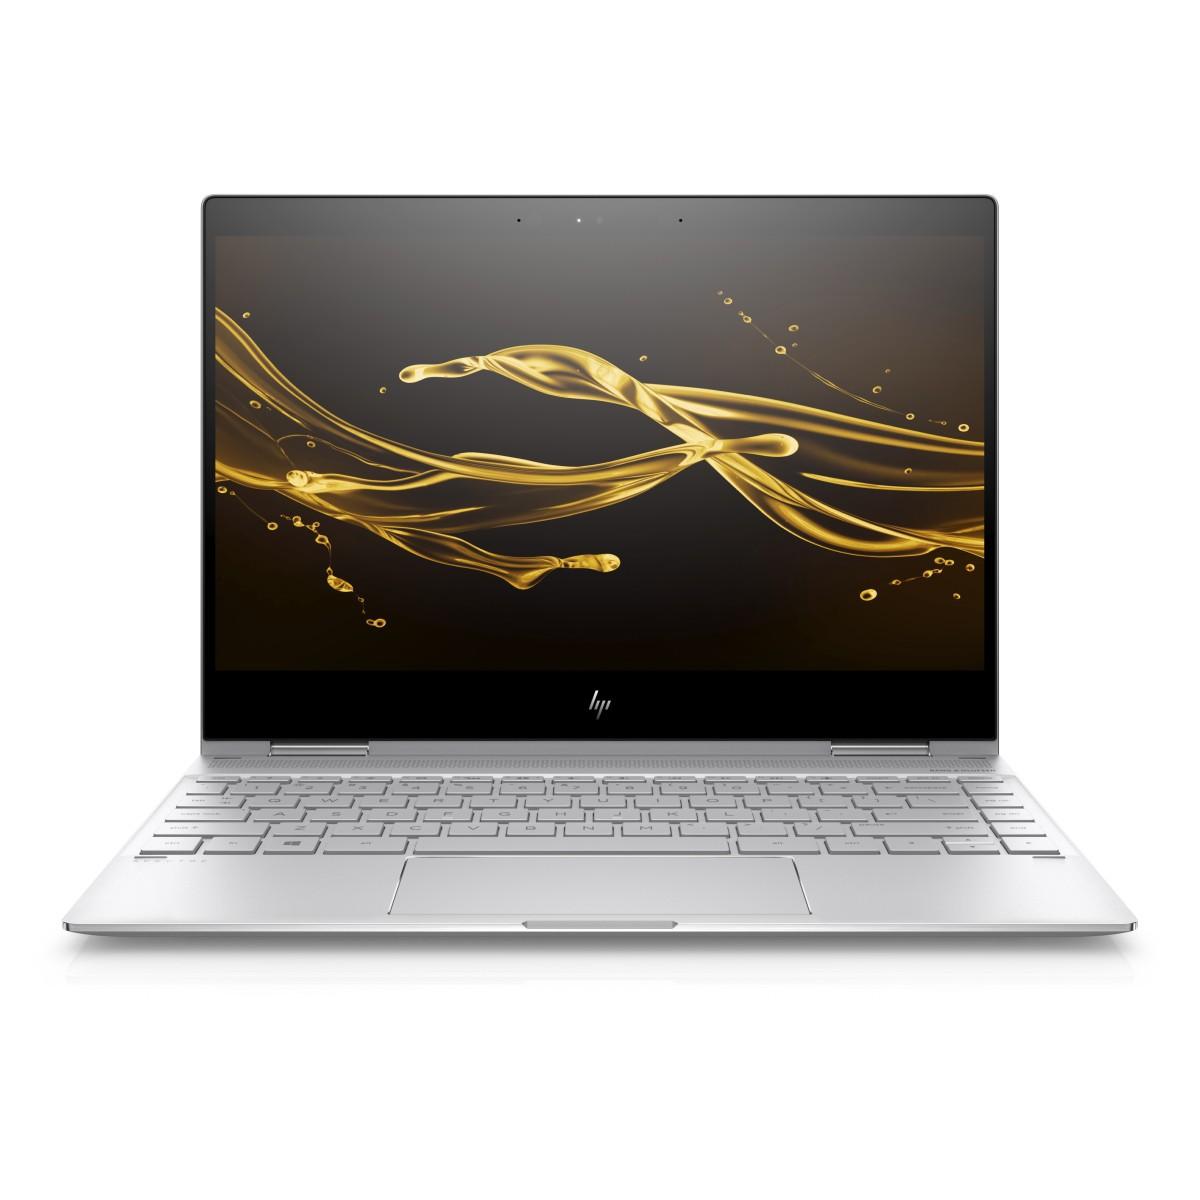 Notebook HP Spectre x360 13-ae005nc/ 13-ae005 (2ZG60EA)